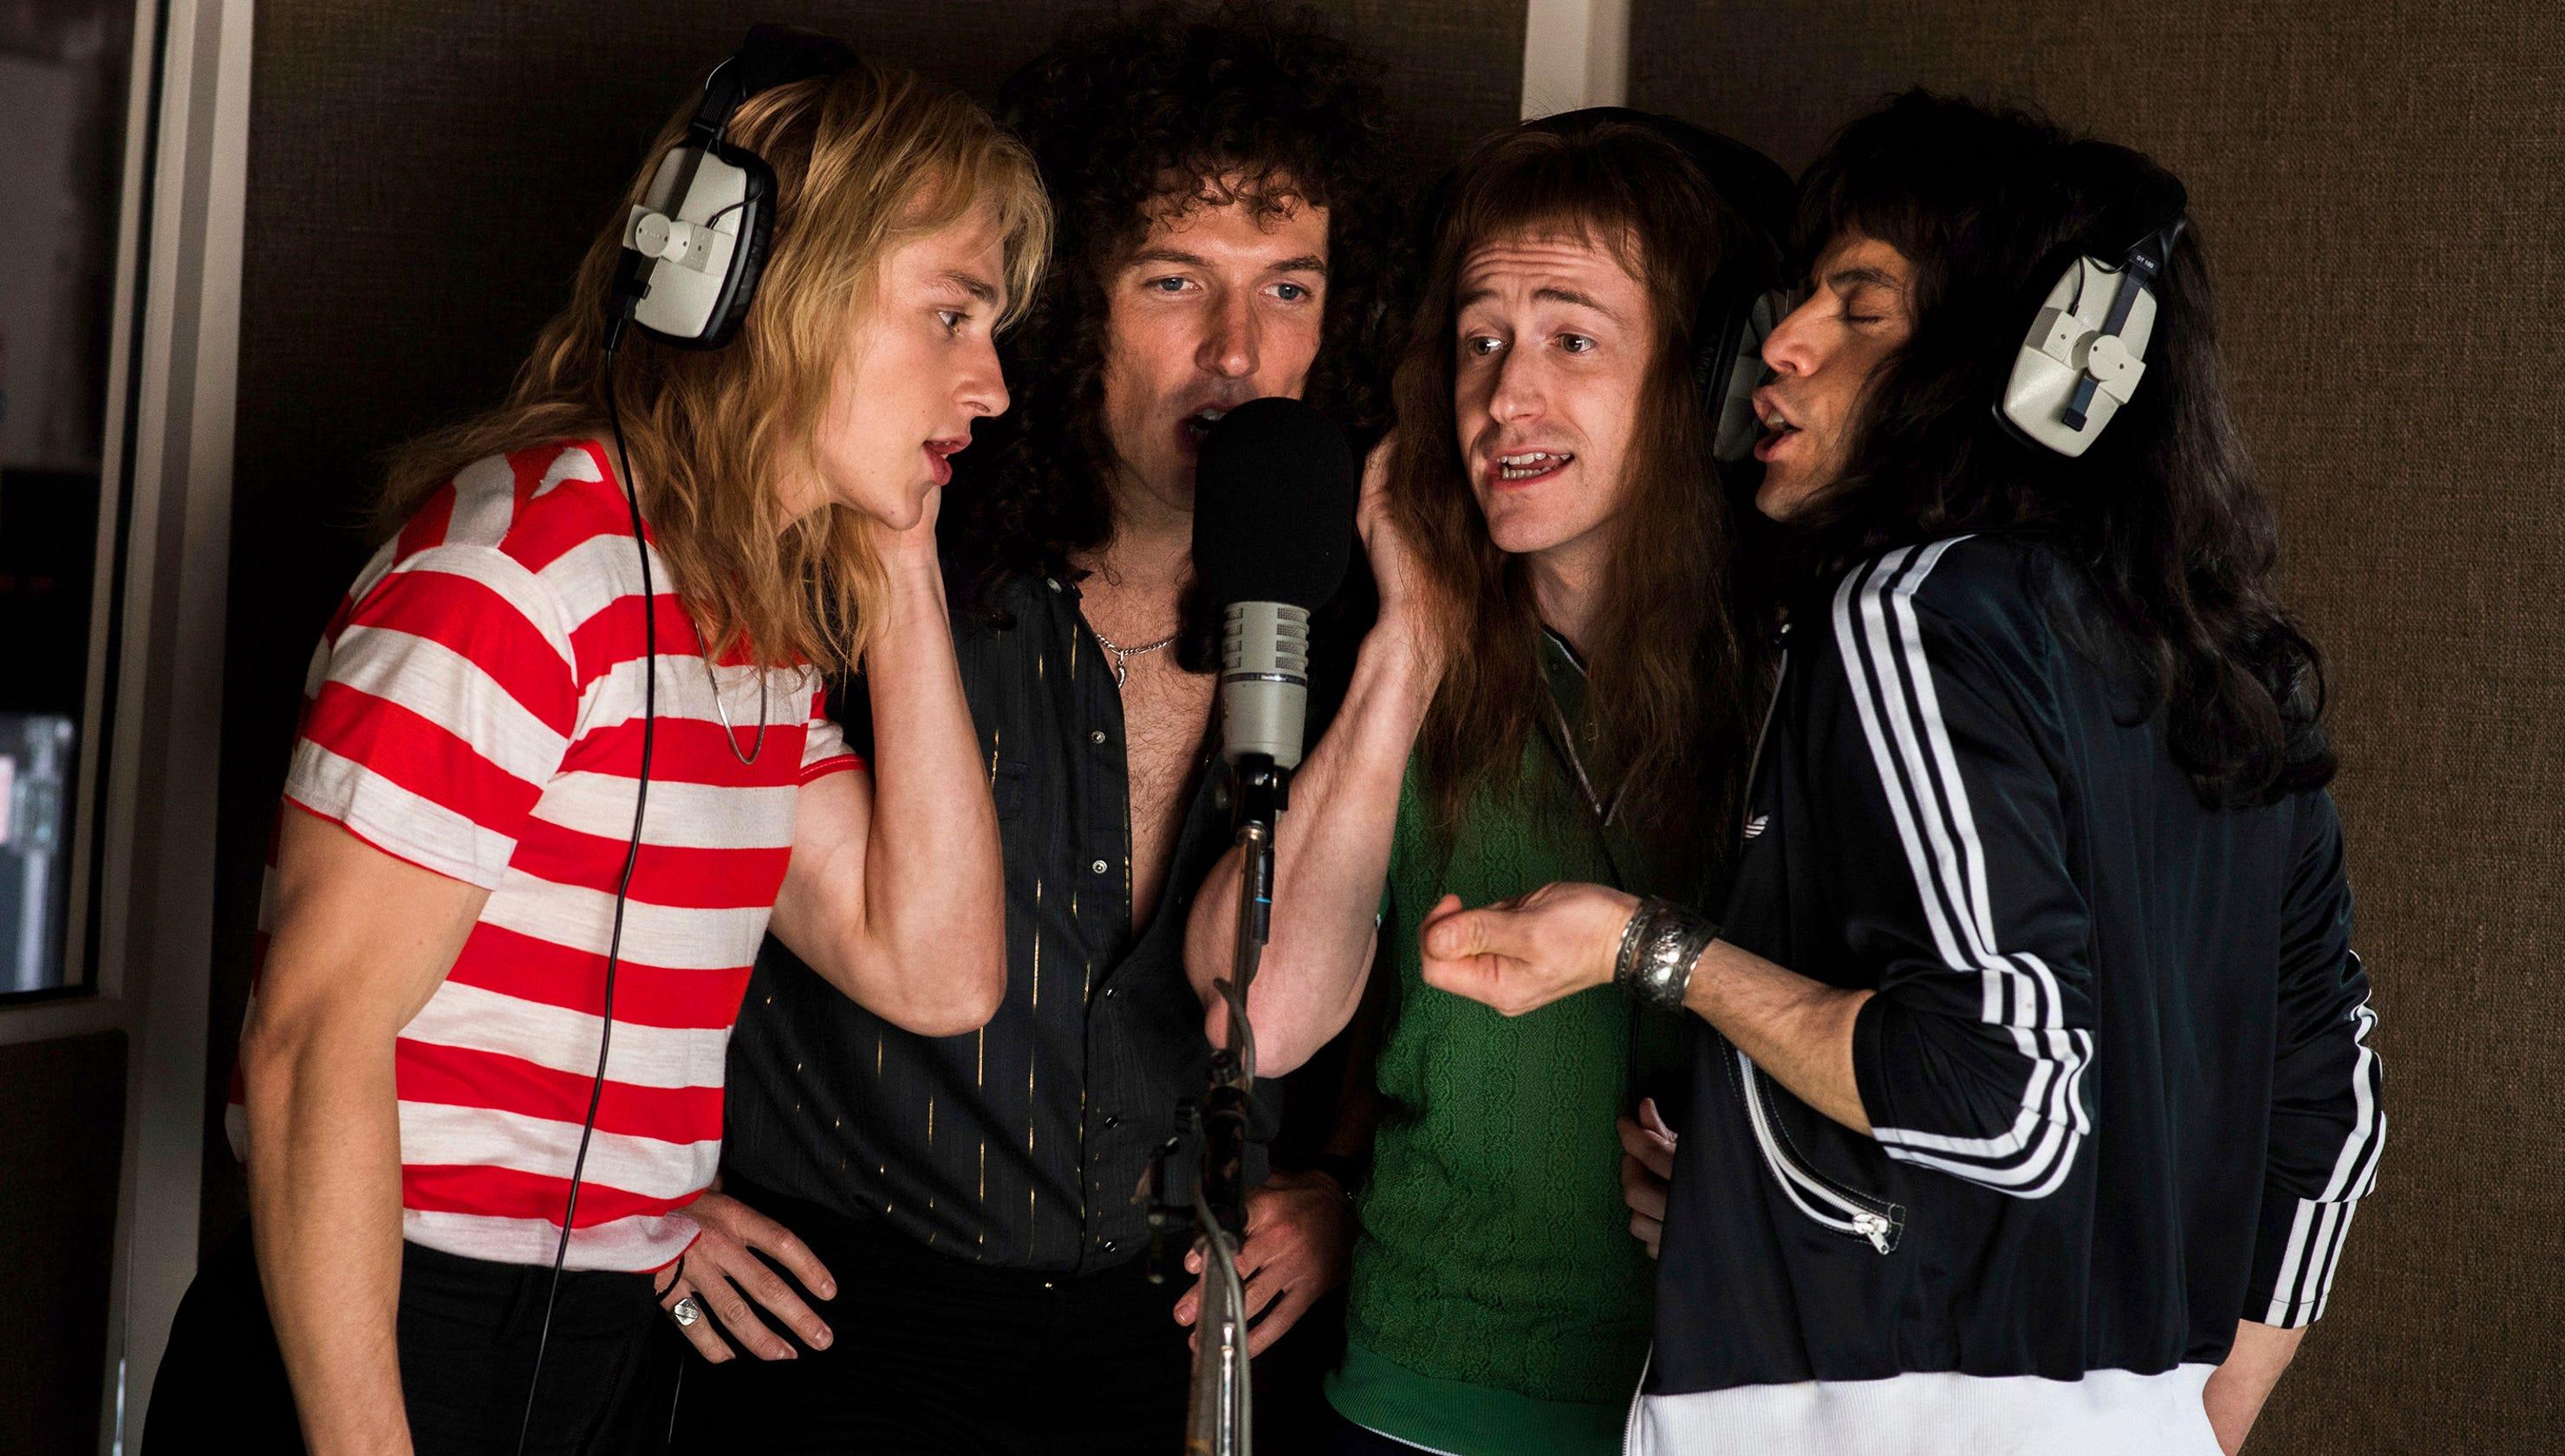 Bohemian Rhapsody' exclusive: How Queen helped a key scene